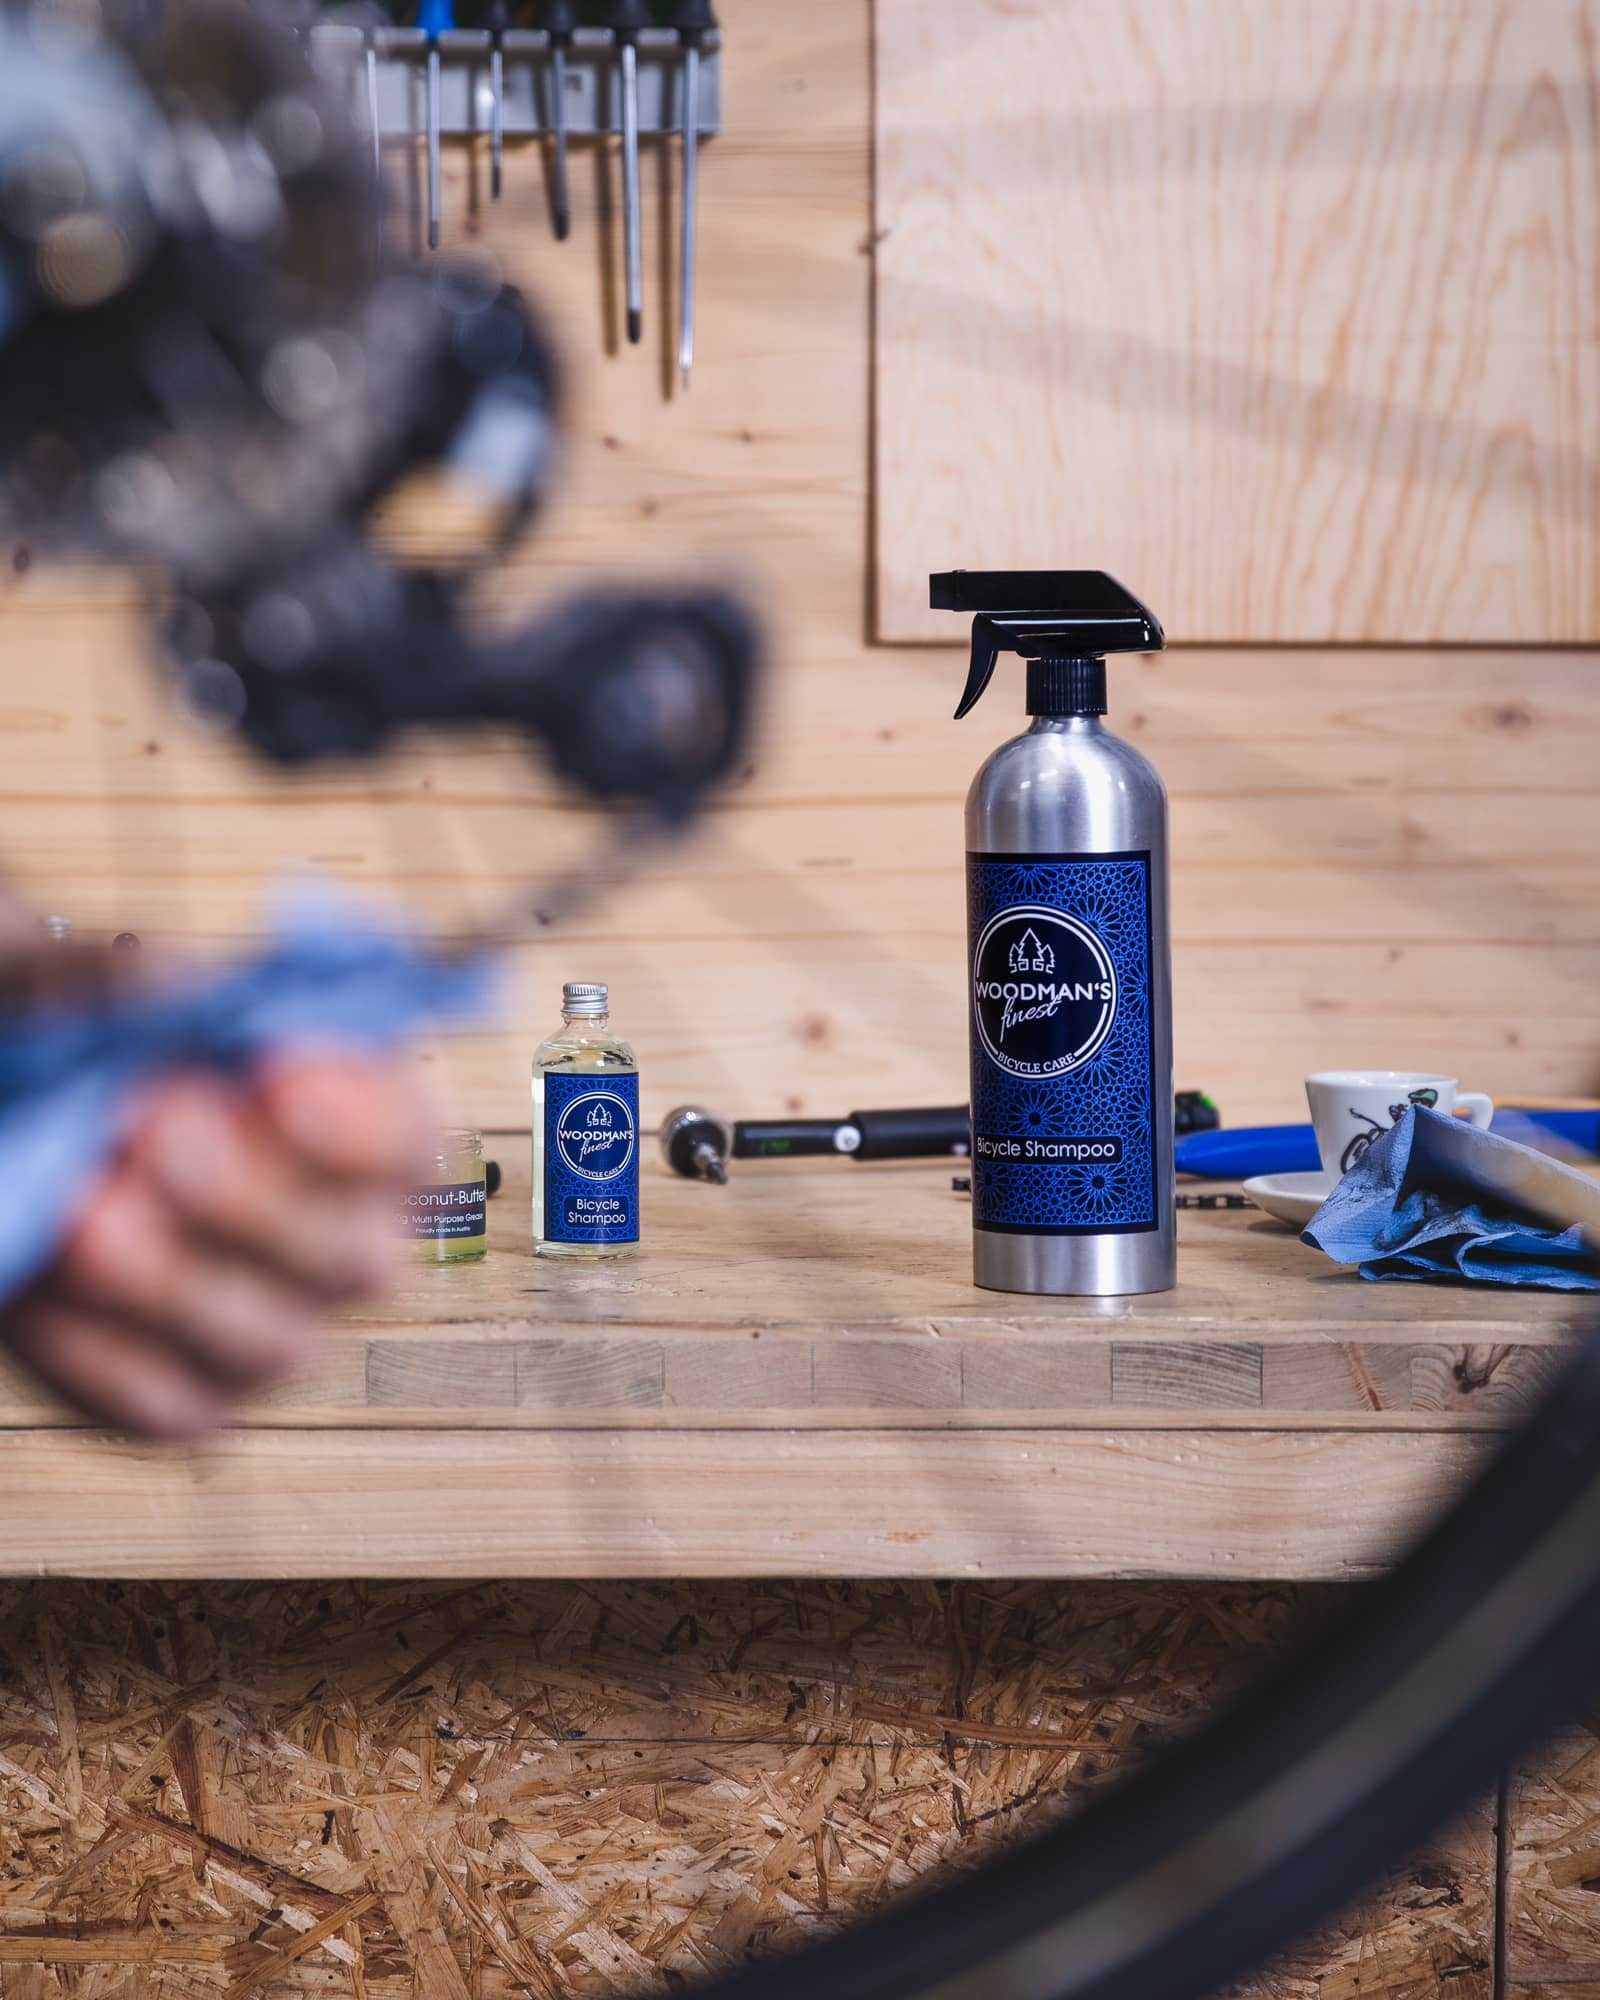 Woodman's Finest Shampoo